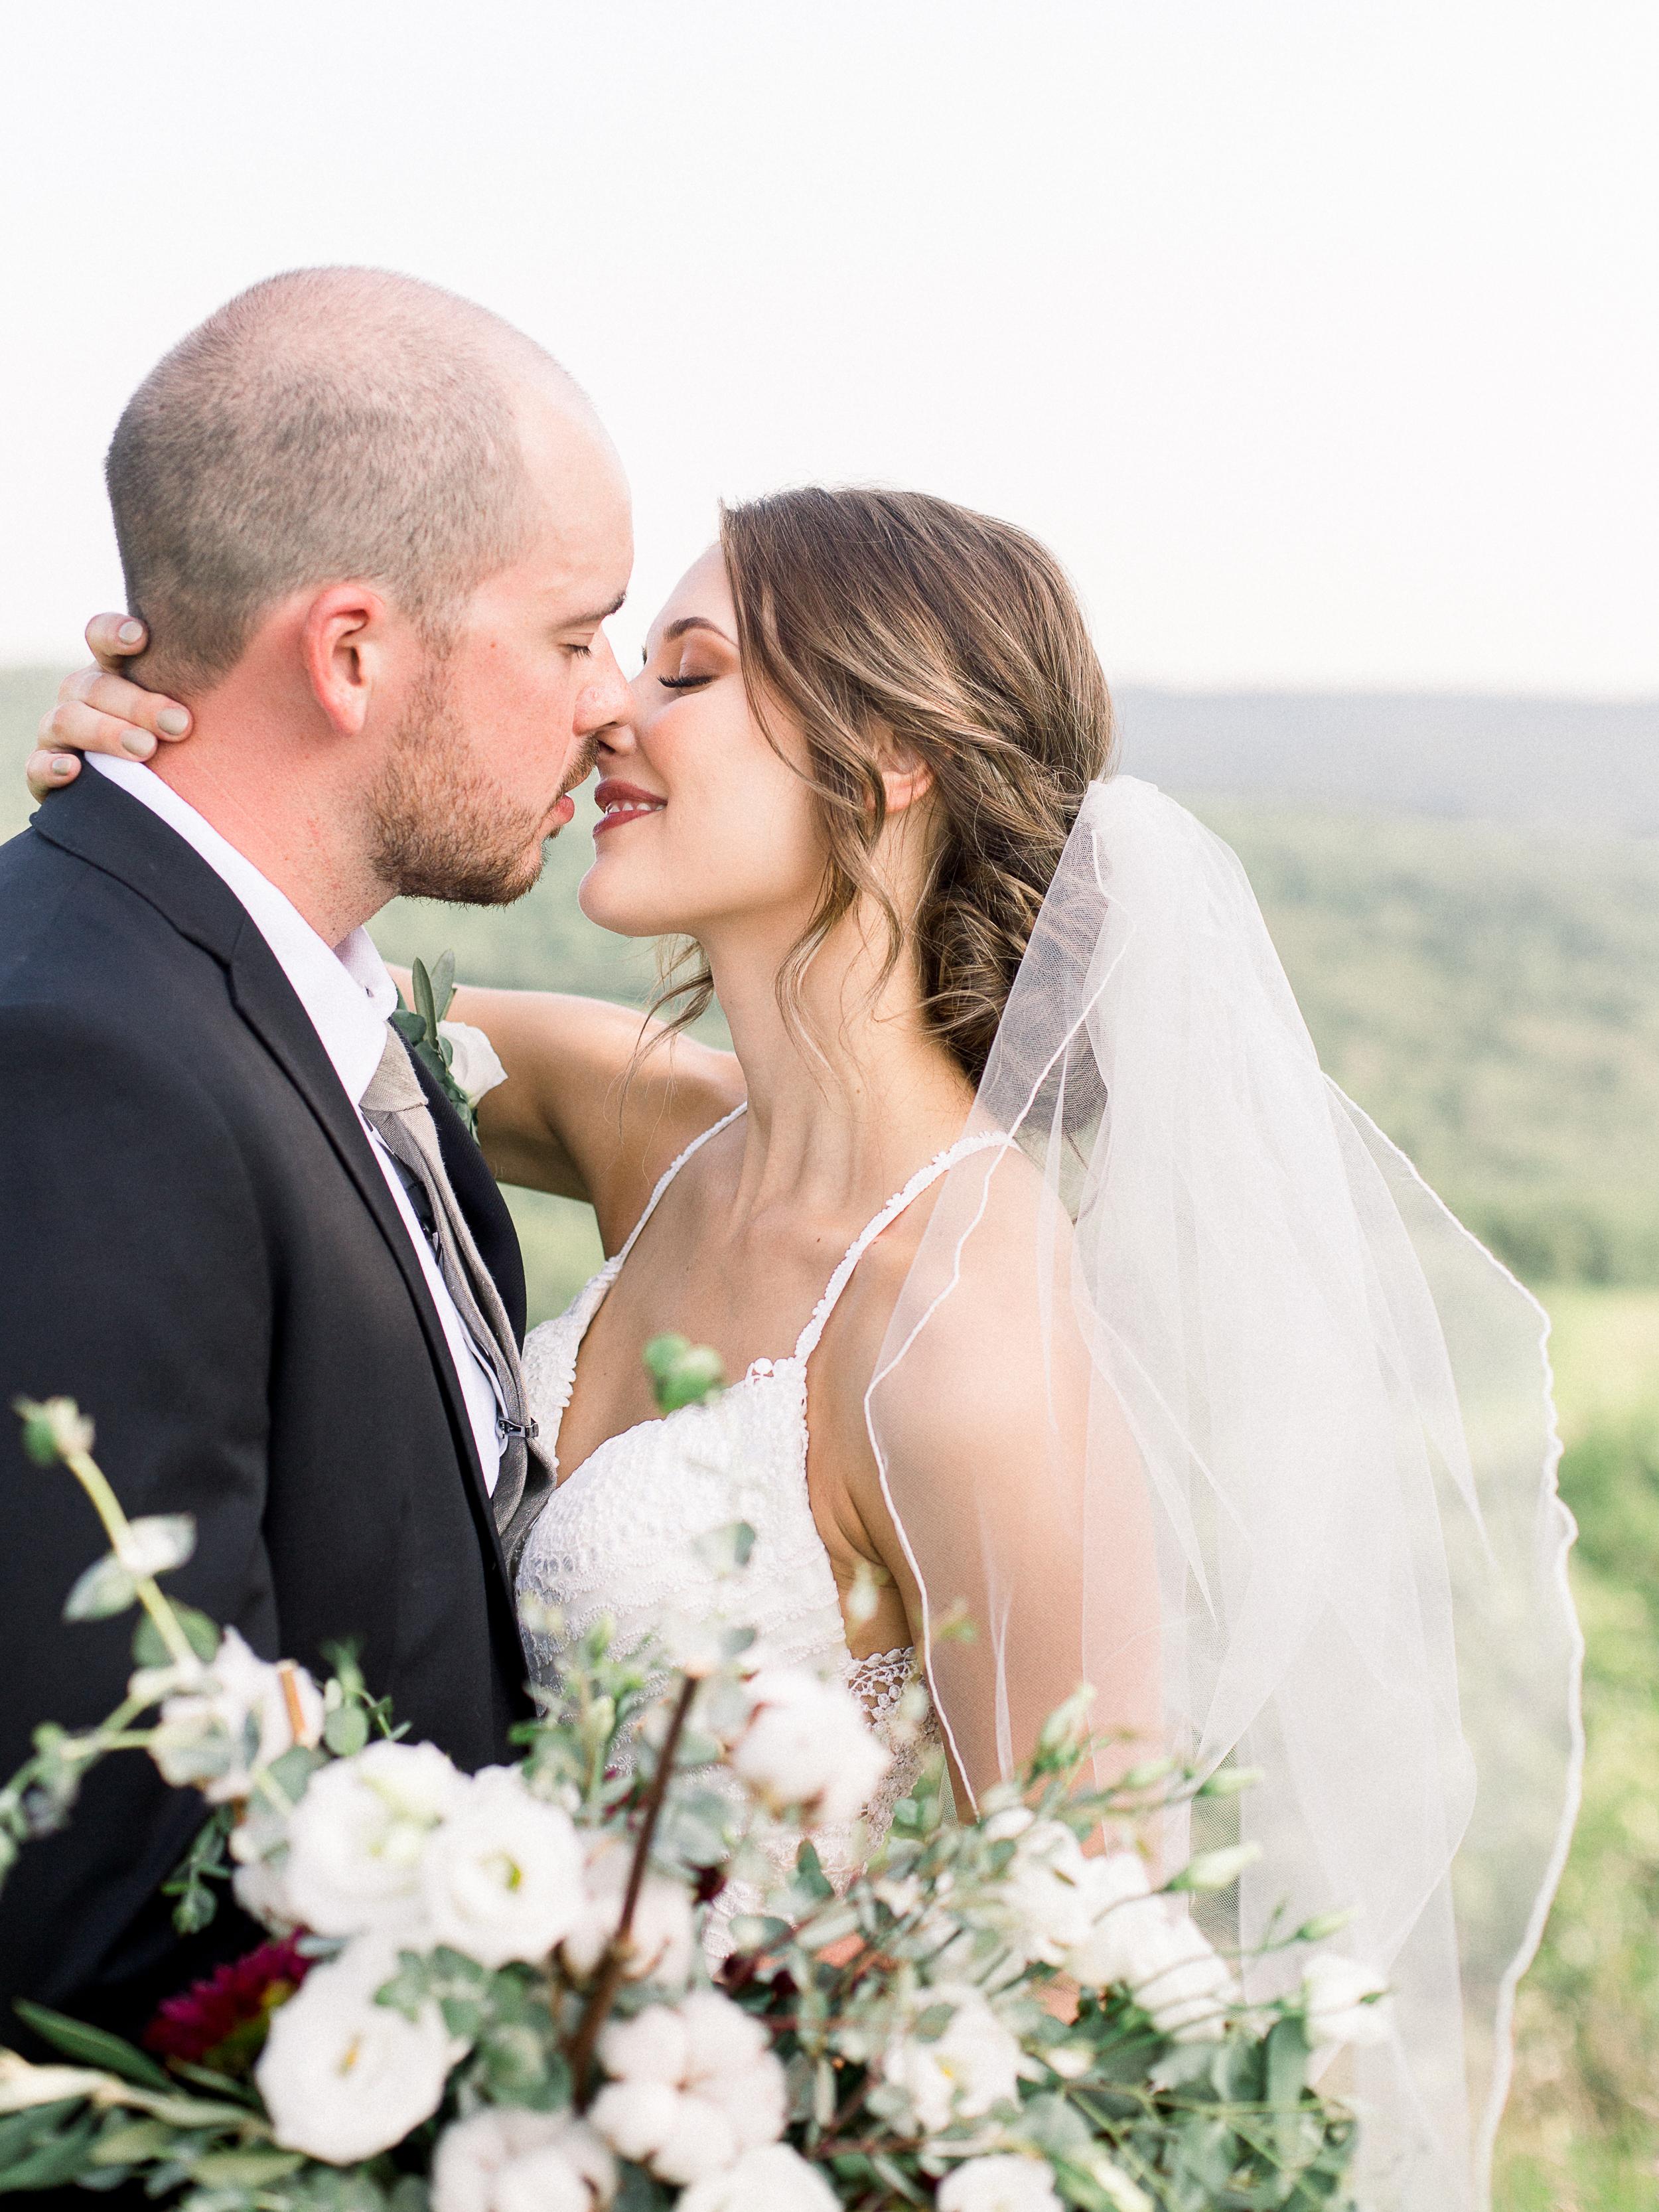 Regan & Dallas | Boho Wedding